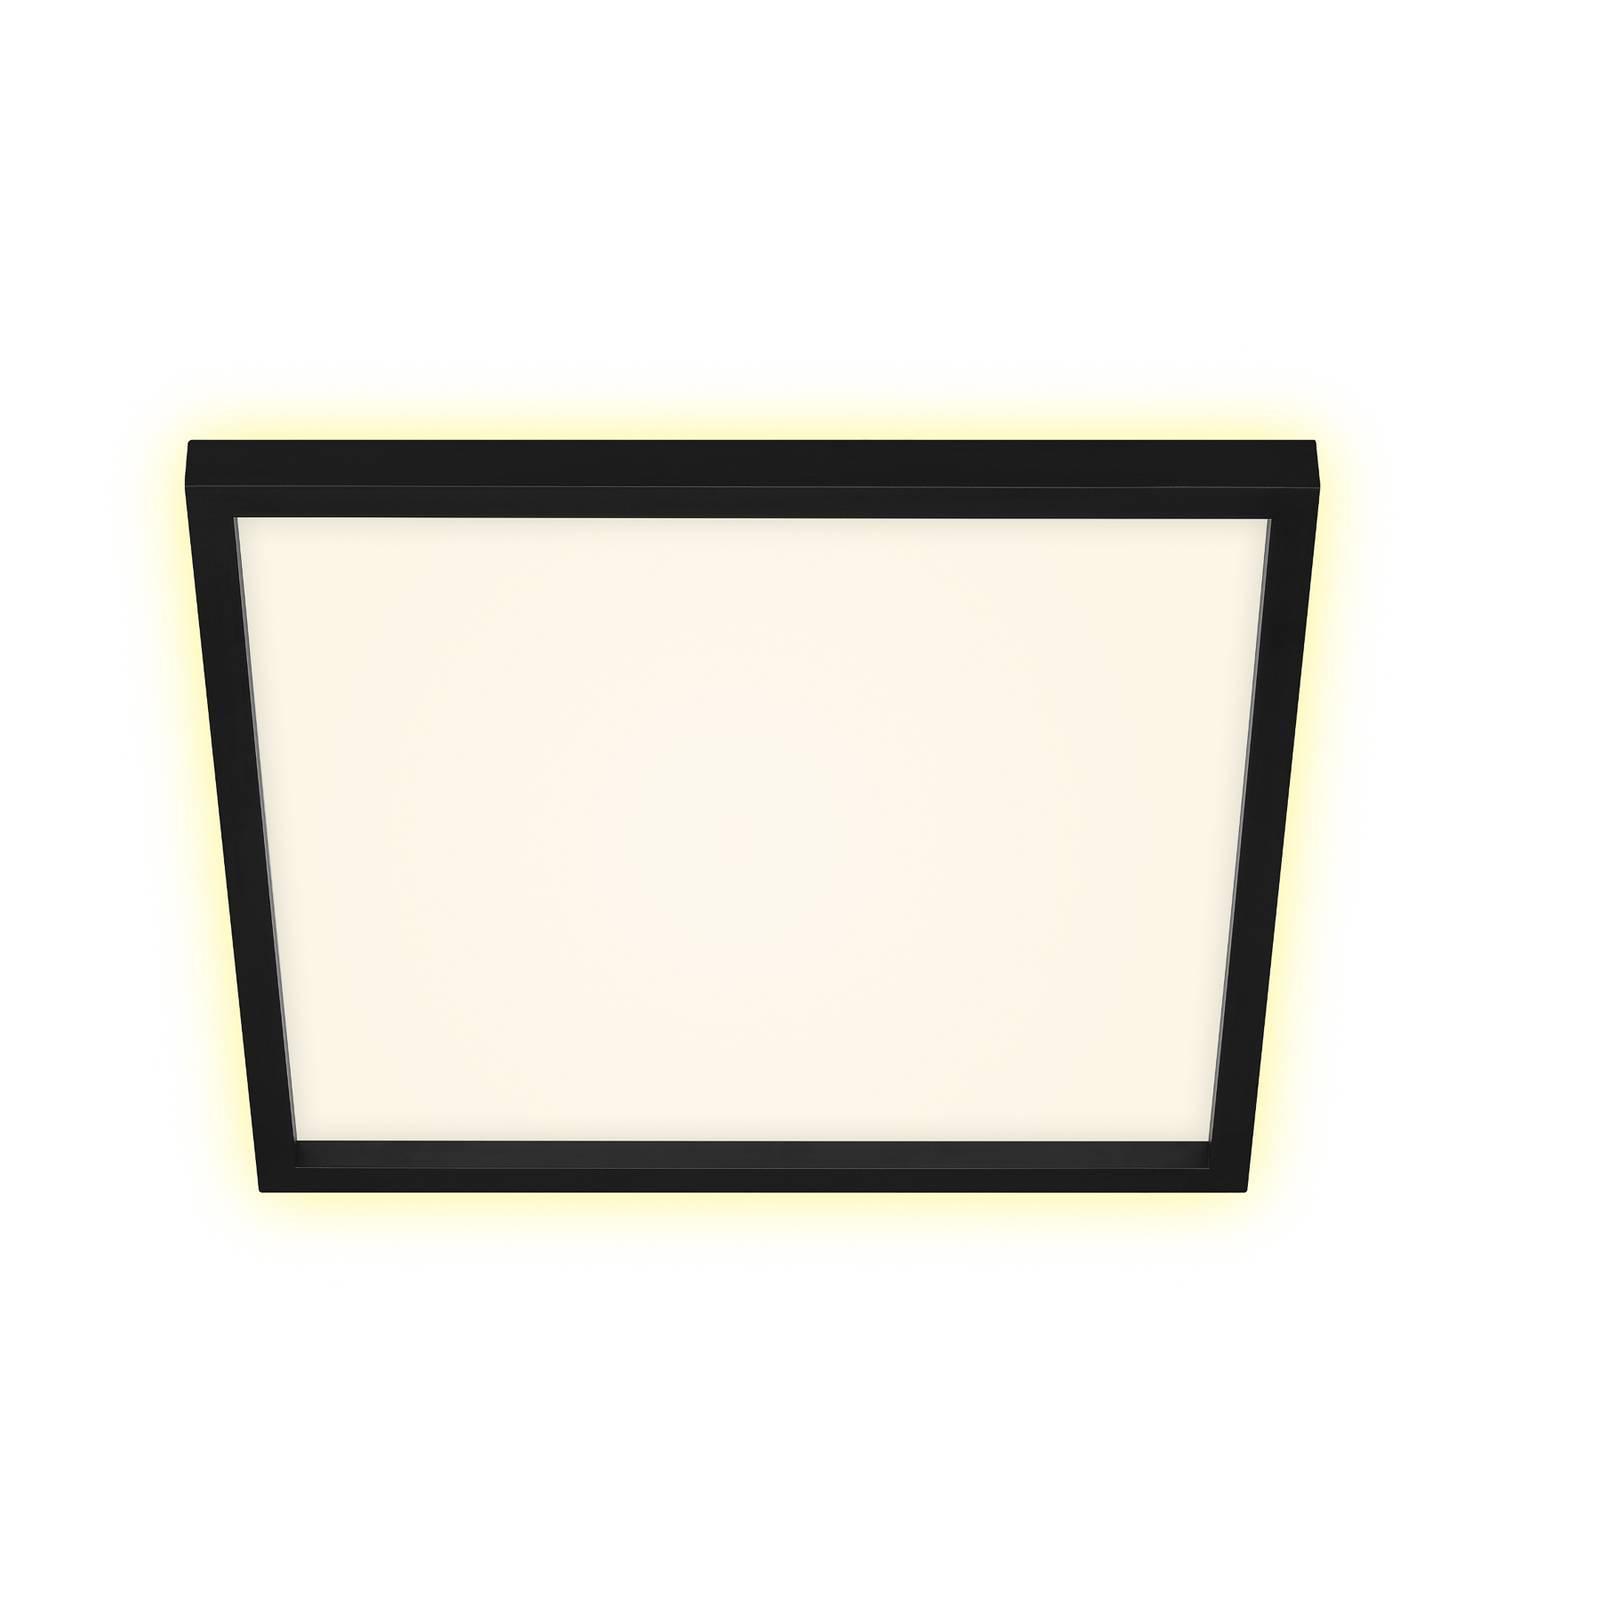 Prios Avira -LED-kattovalaisin, neliö, 42 cm